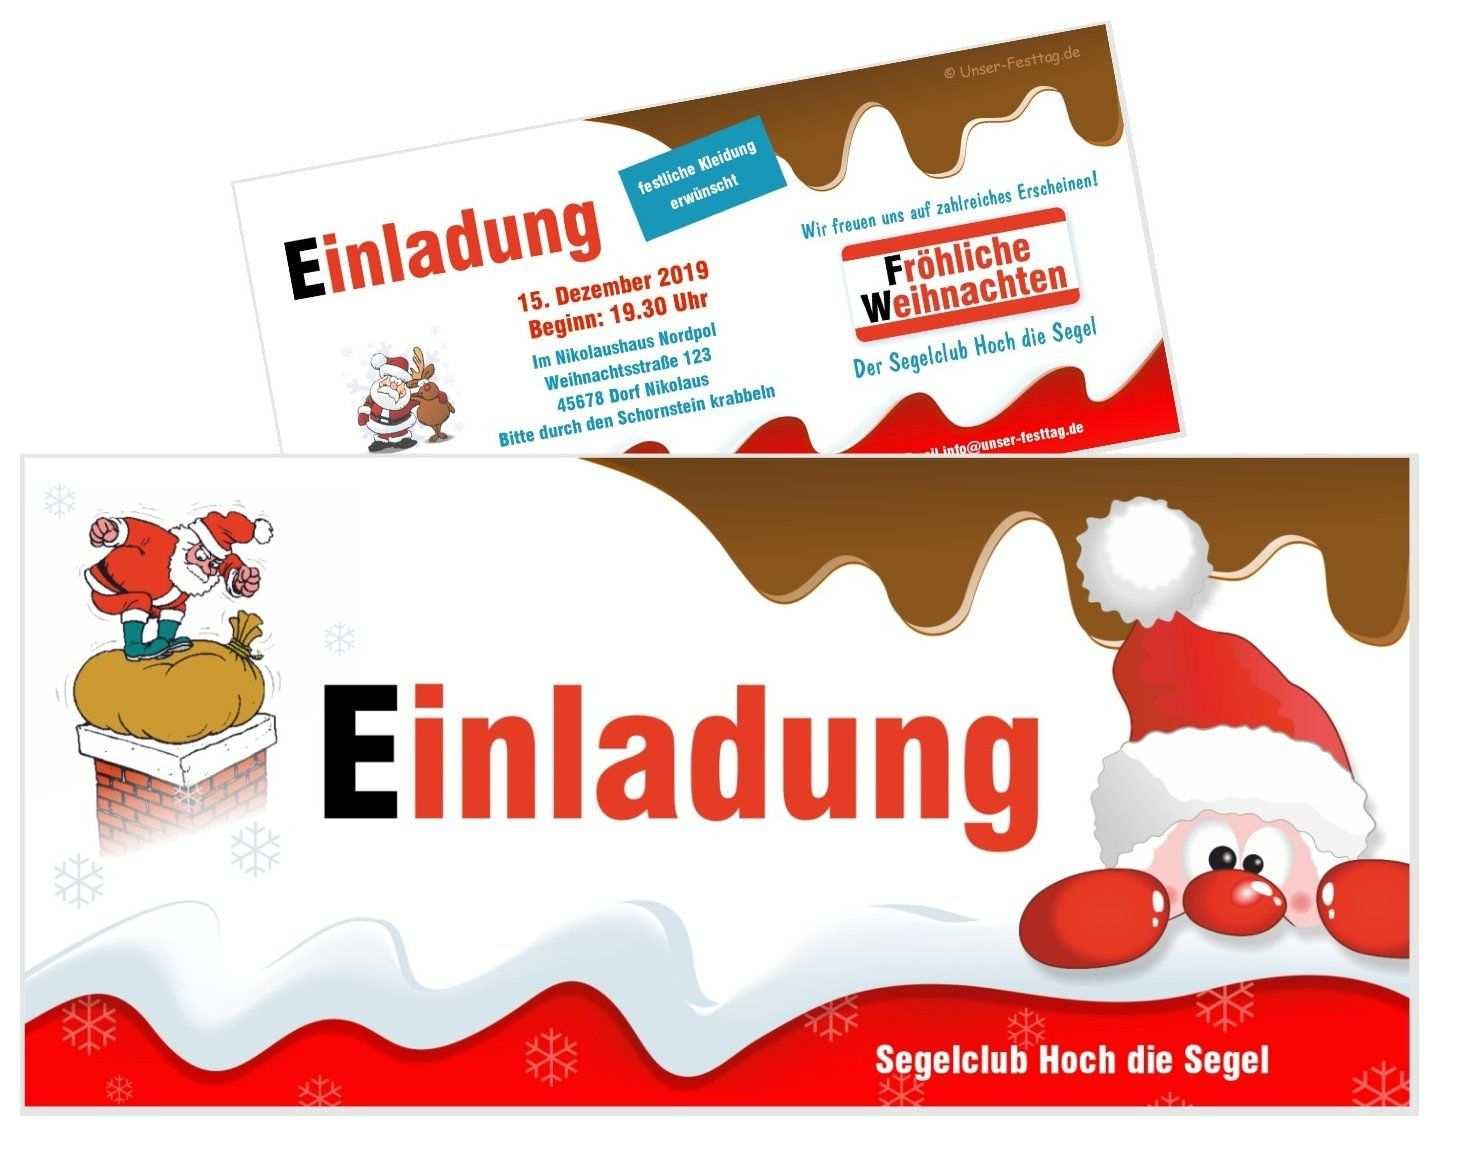 Einladungskarte Schoko Mit Nikolaus Einladung Weihnachtsfeier